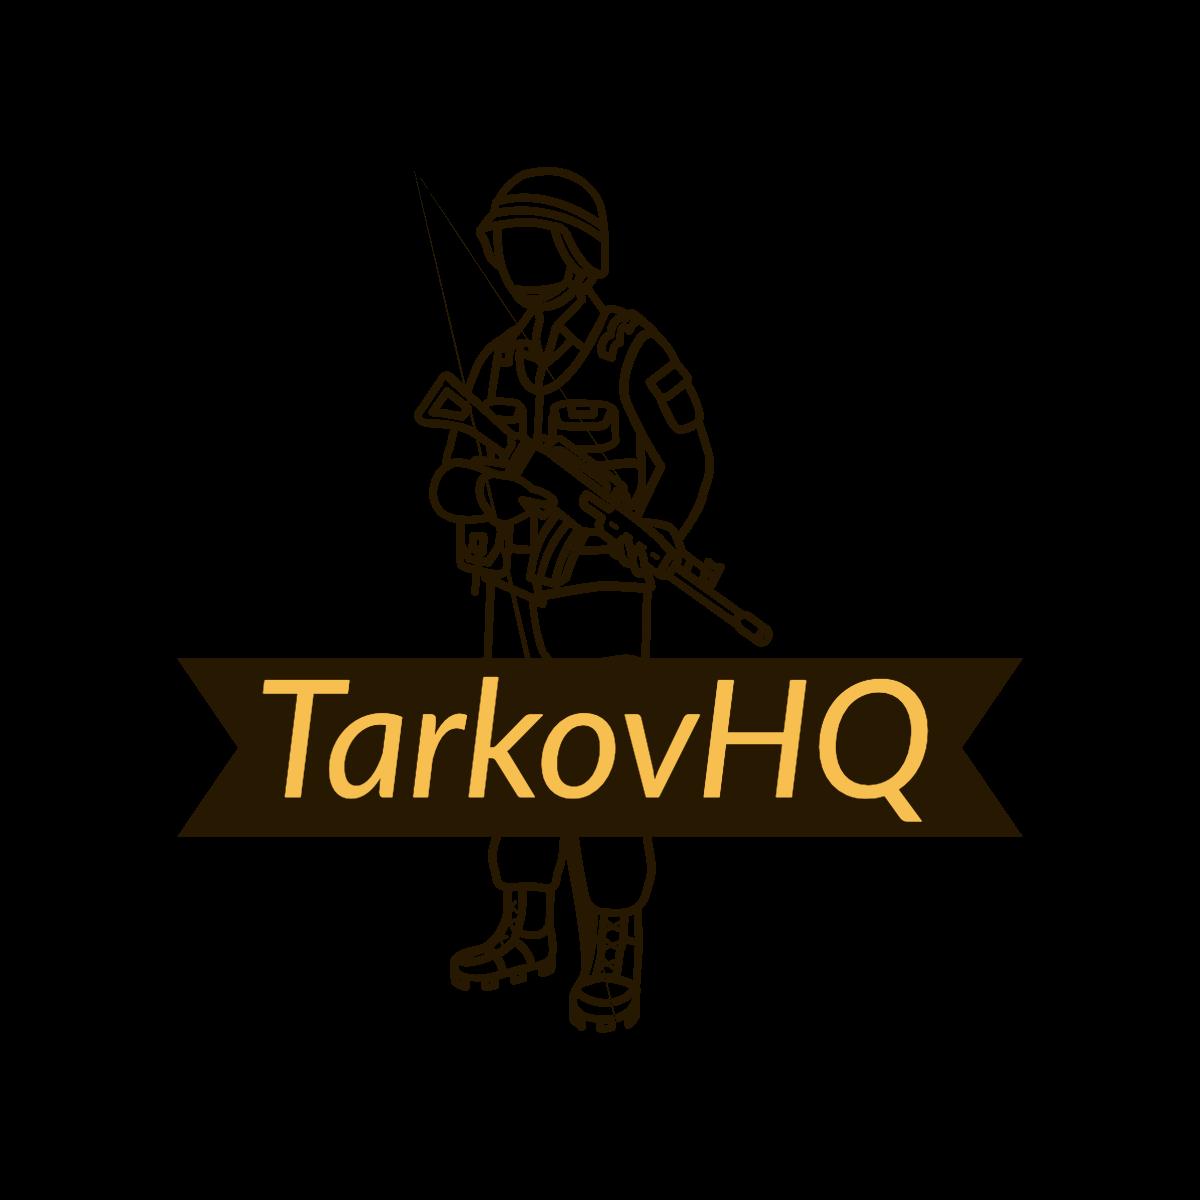 TarkovHQ